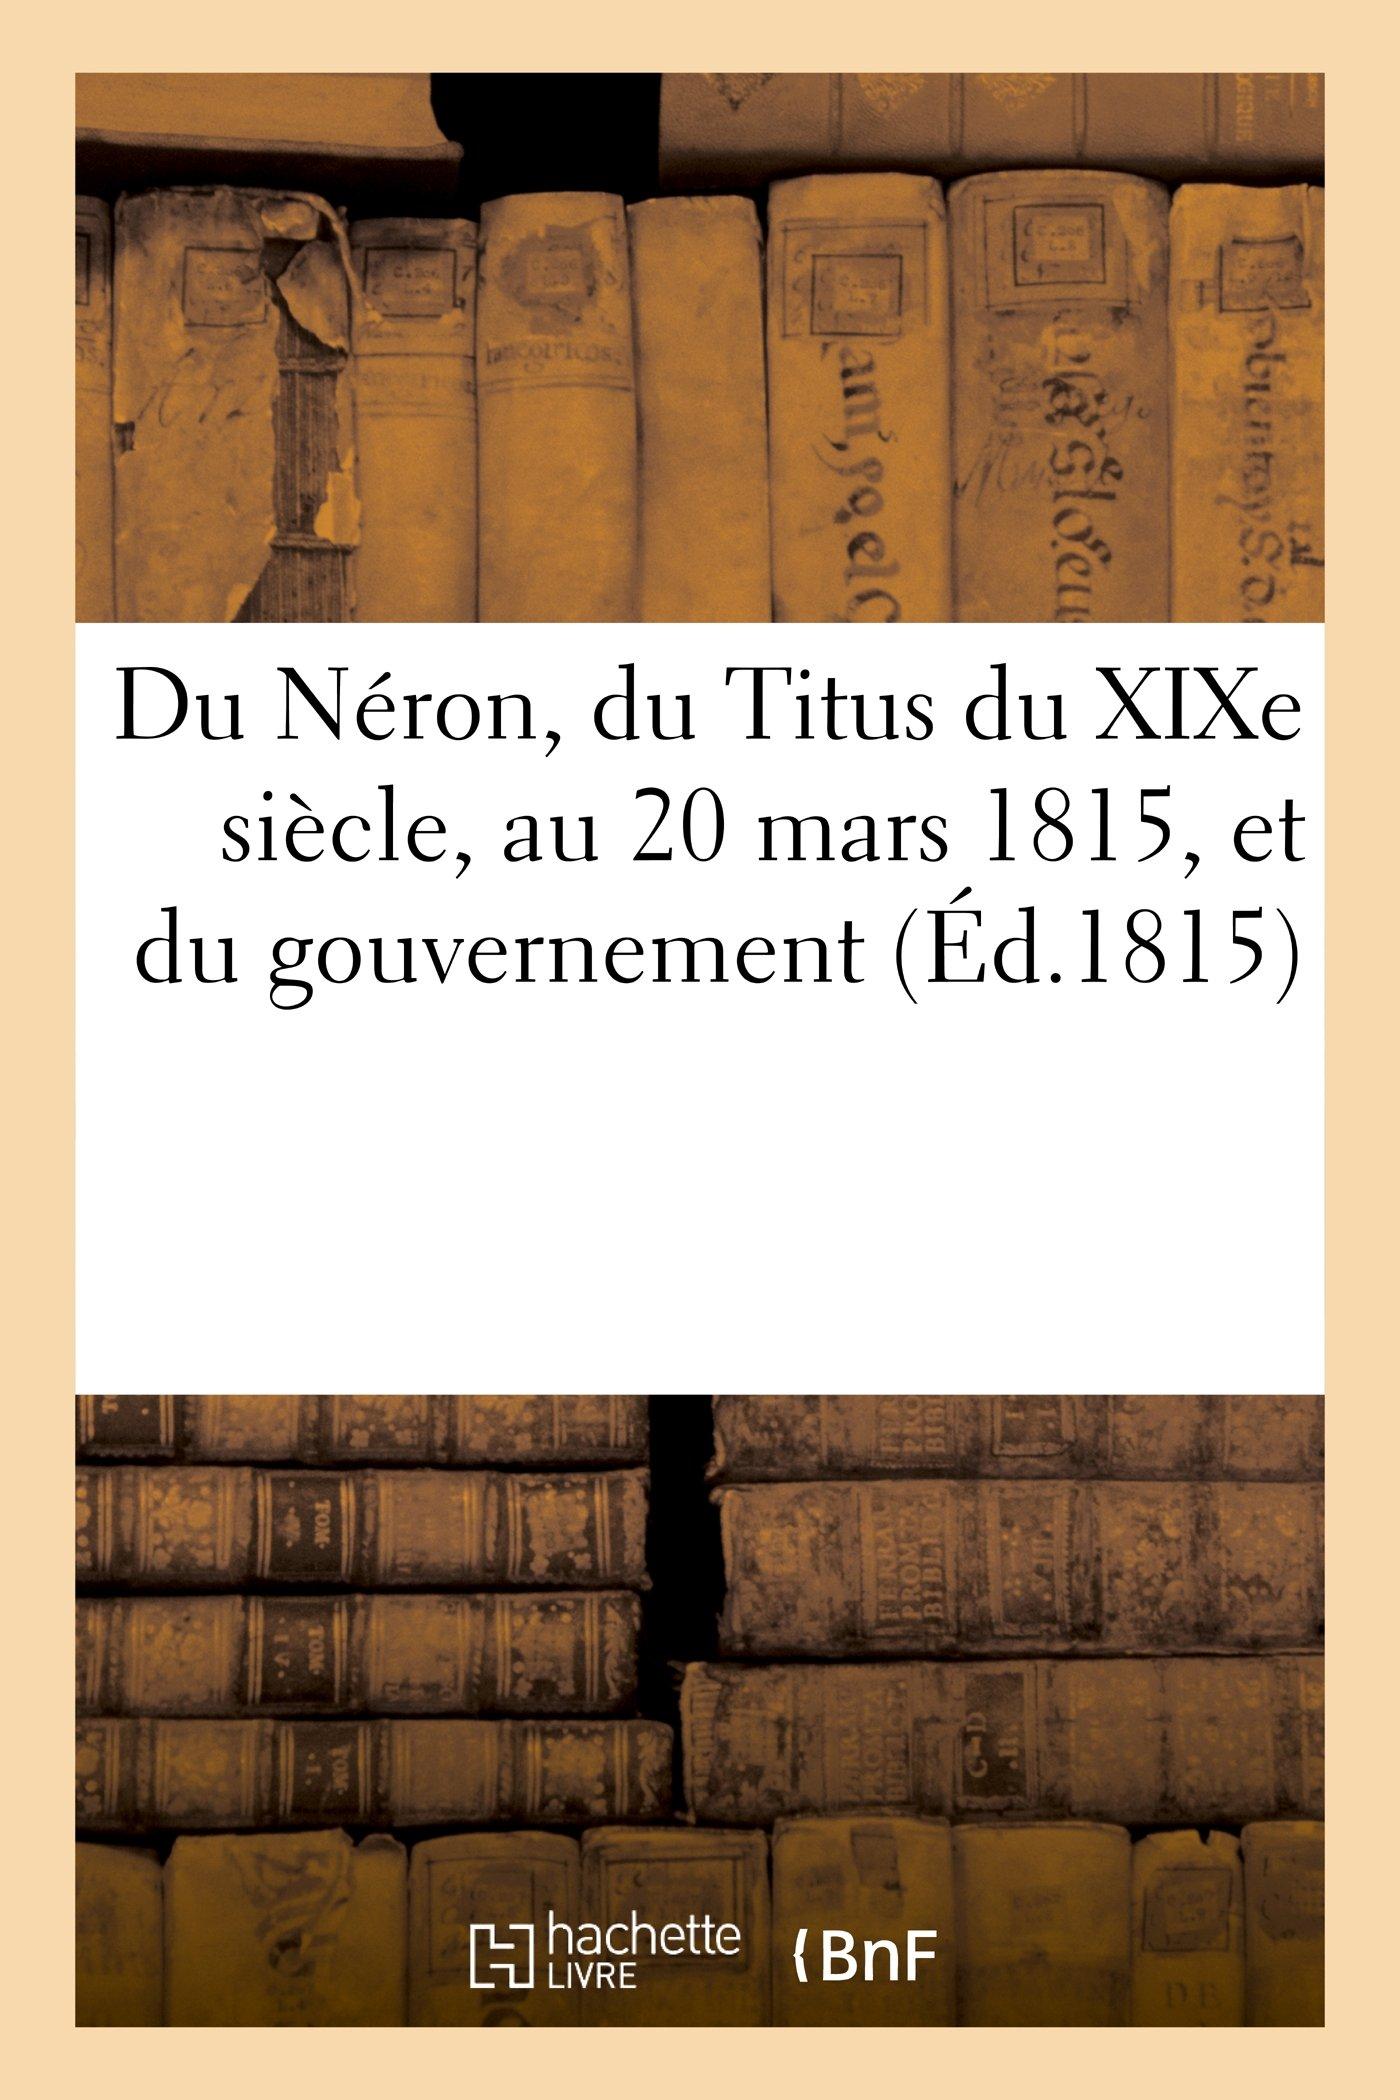 Du Neron, Du Titus Du Xixe Siecle, Au 20 Mars 1815, Et Du Gouvernement Le Plus Naturel a la France (Histoire) (French Edition) PDF